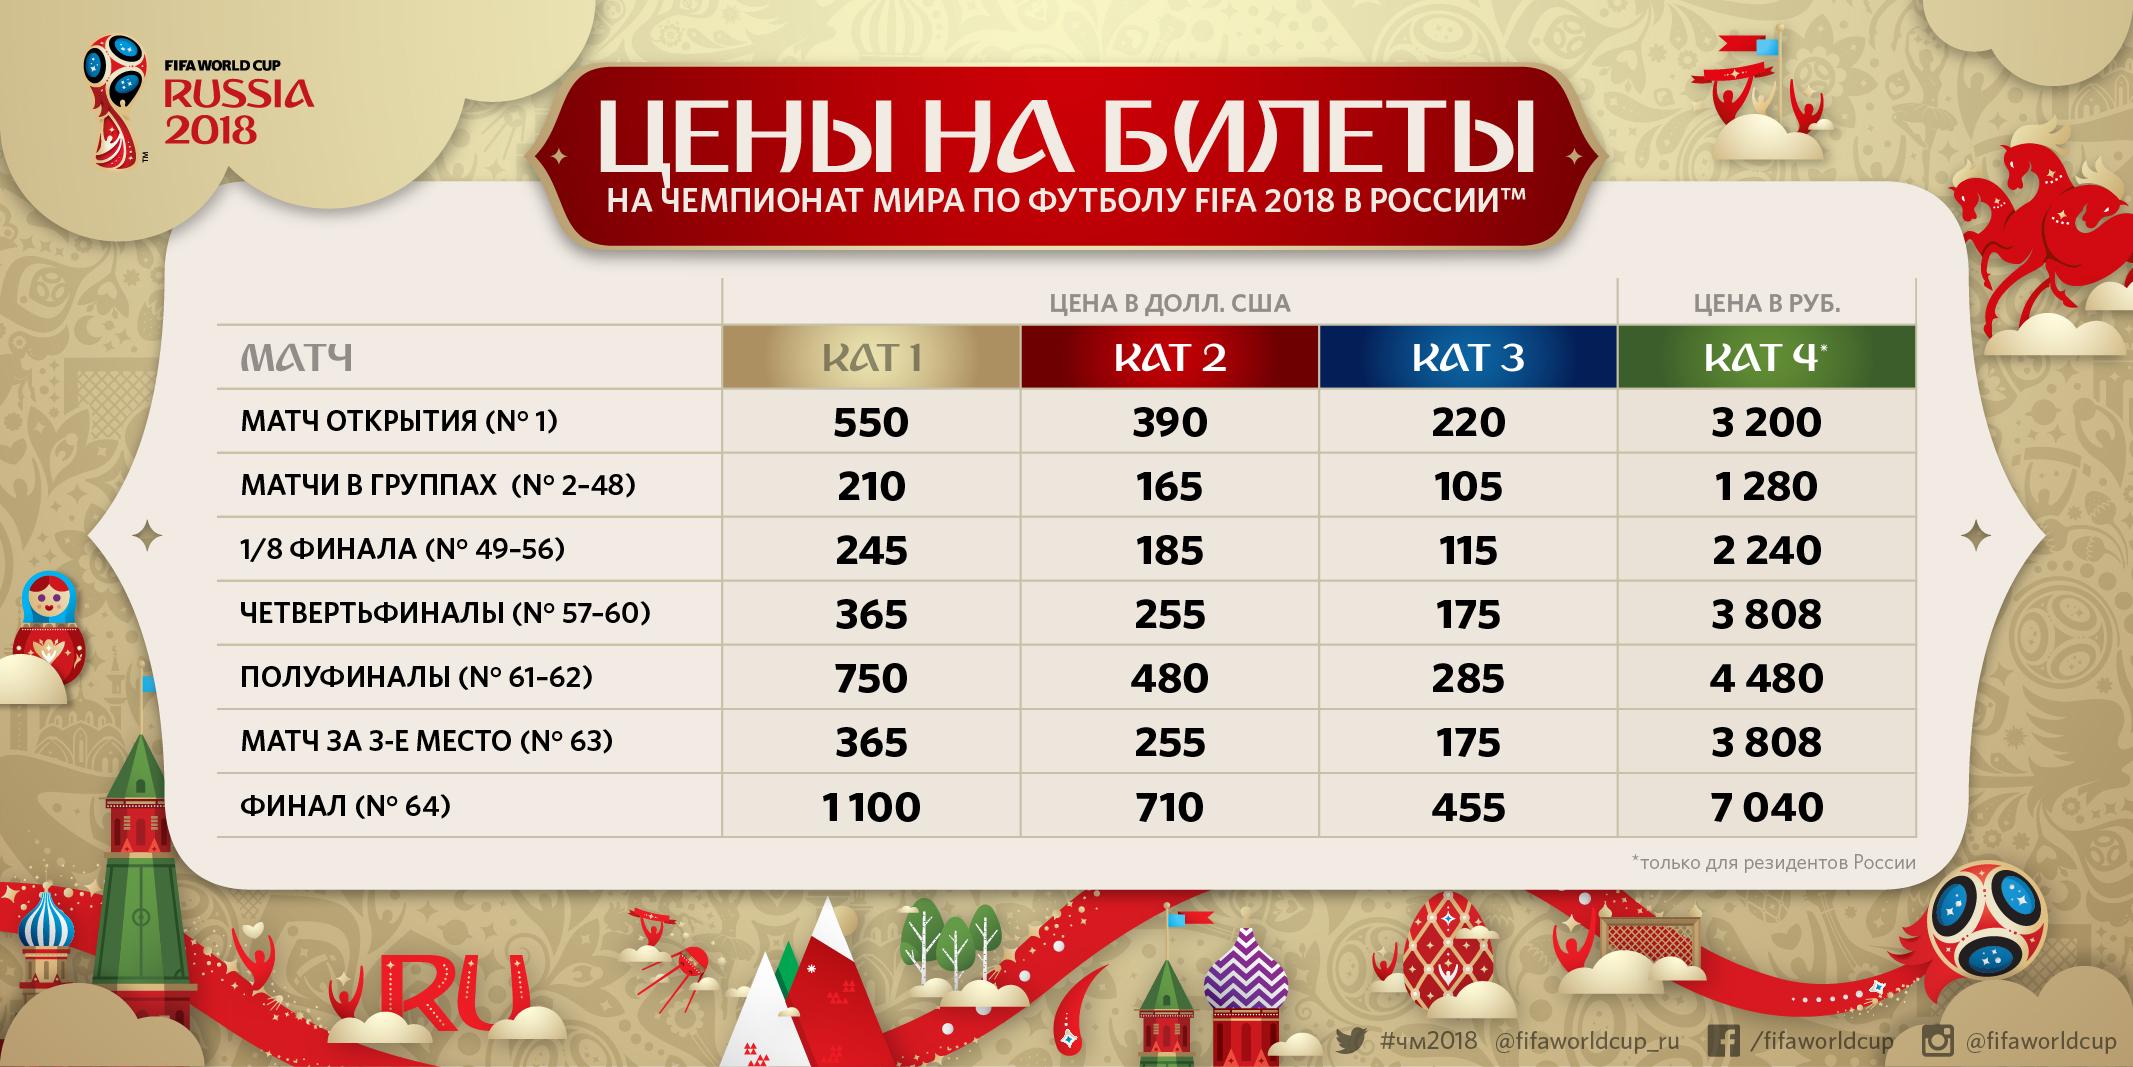 Кубок Конфедерации 2017 Купить Билет